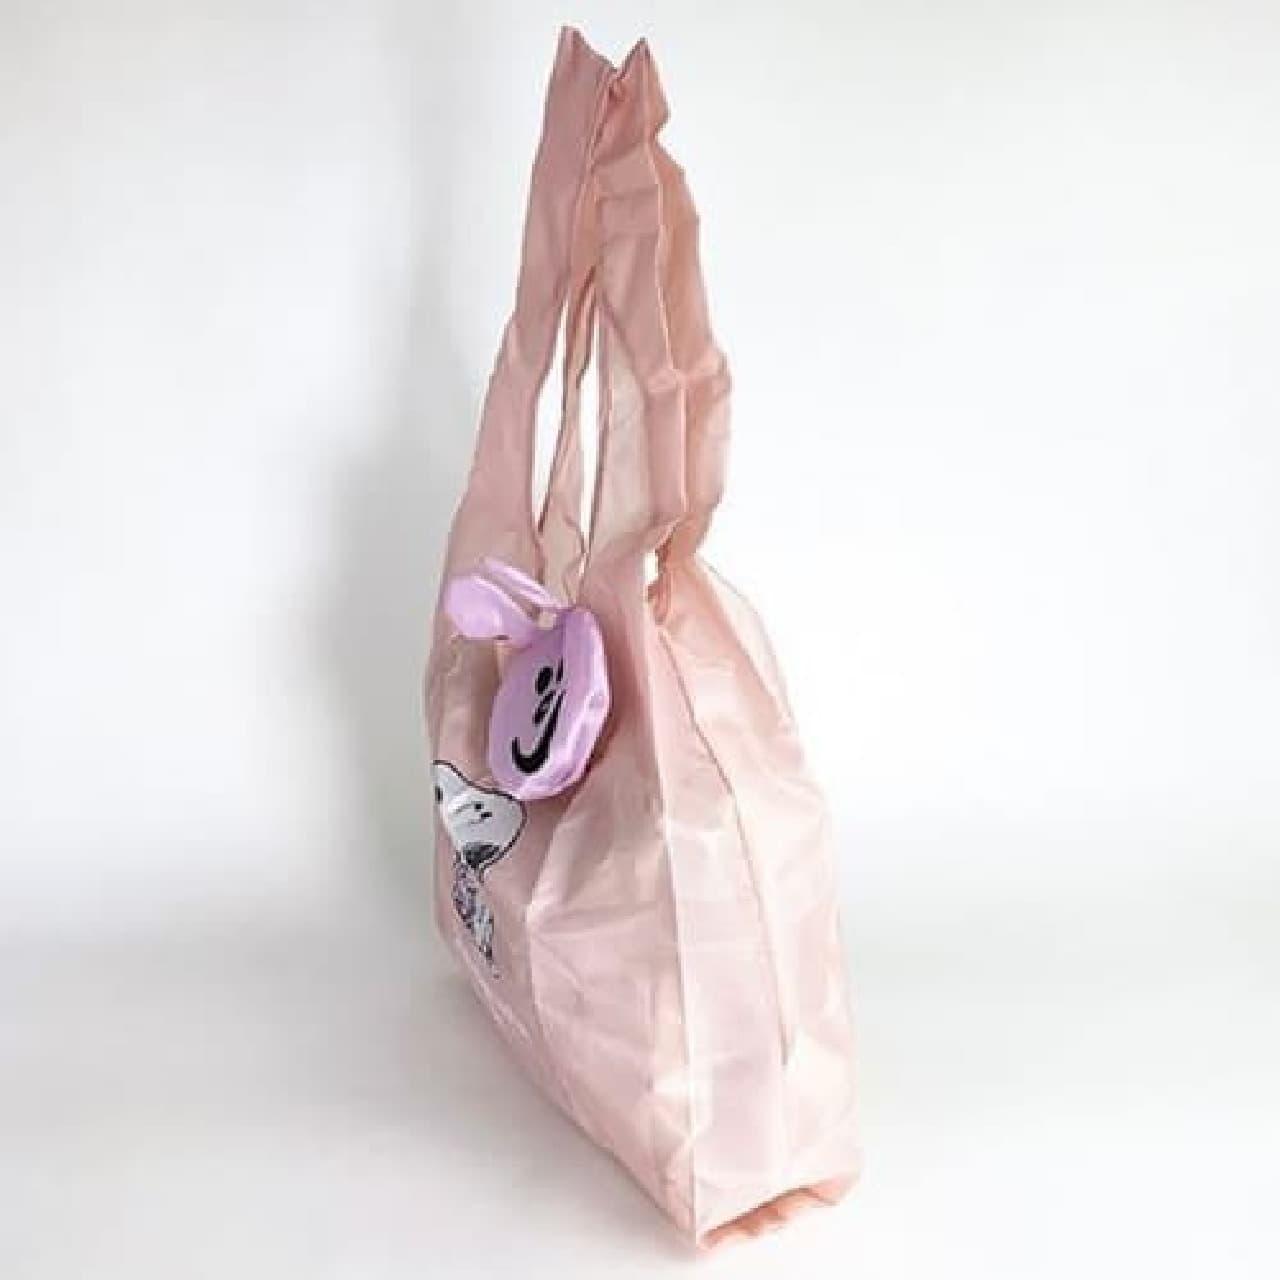 収納袋つき♪ スヌーピー柄エコバッグ -- 軽量・丈夫なマチ広タイプ